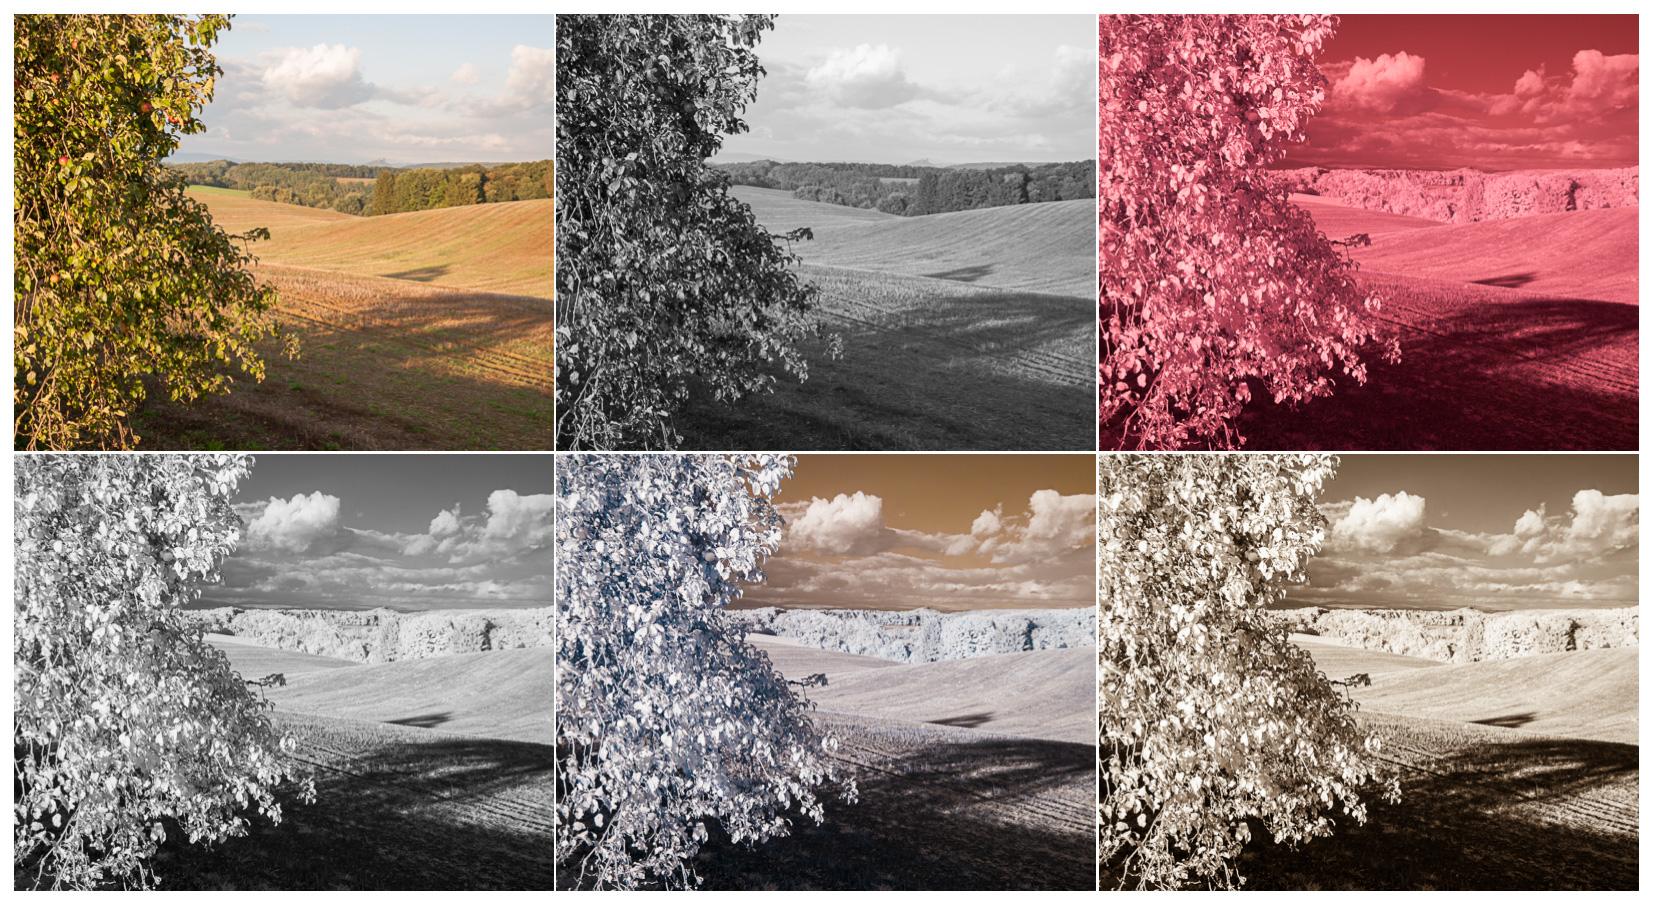 Není BW, jako BW, aneb infračervená versus klasická fotografie